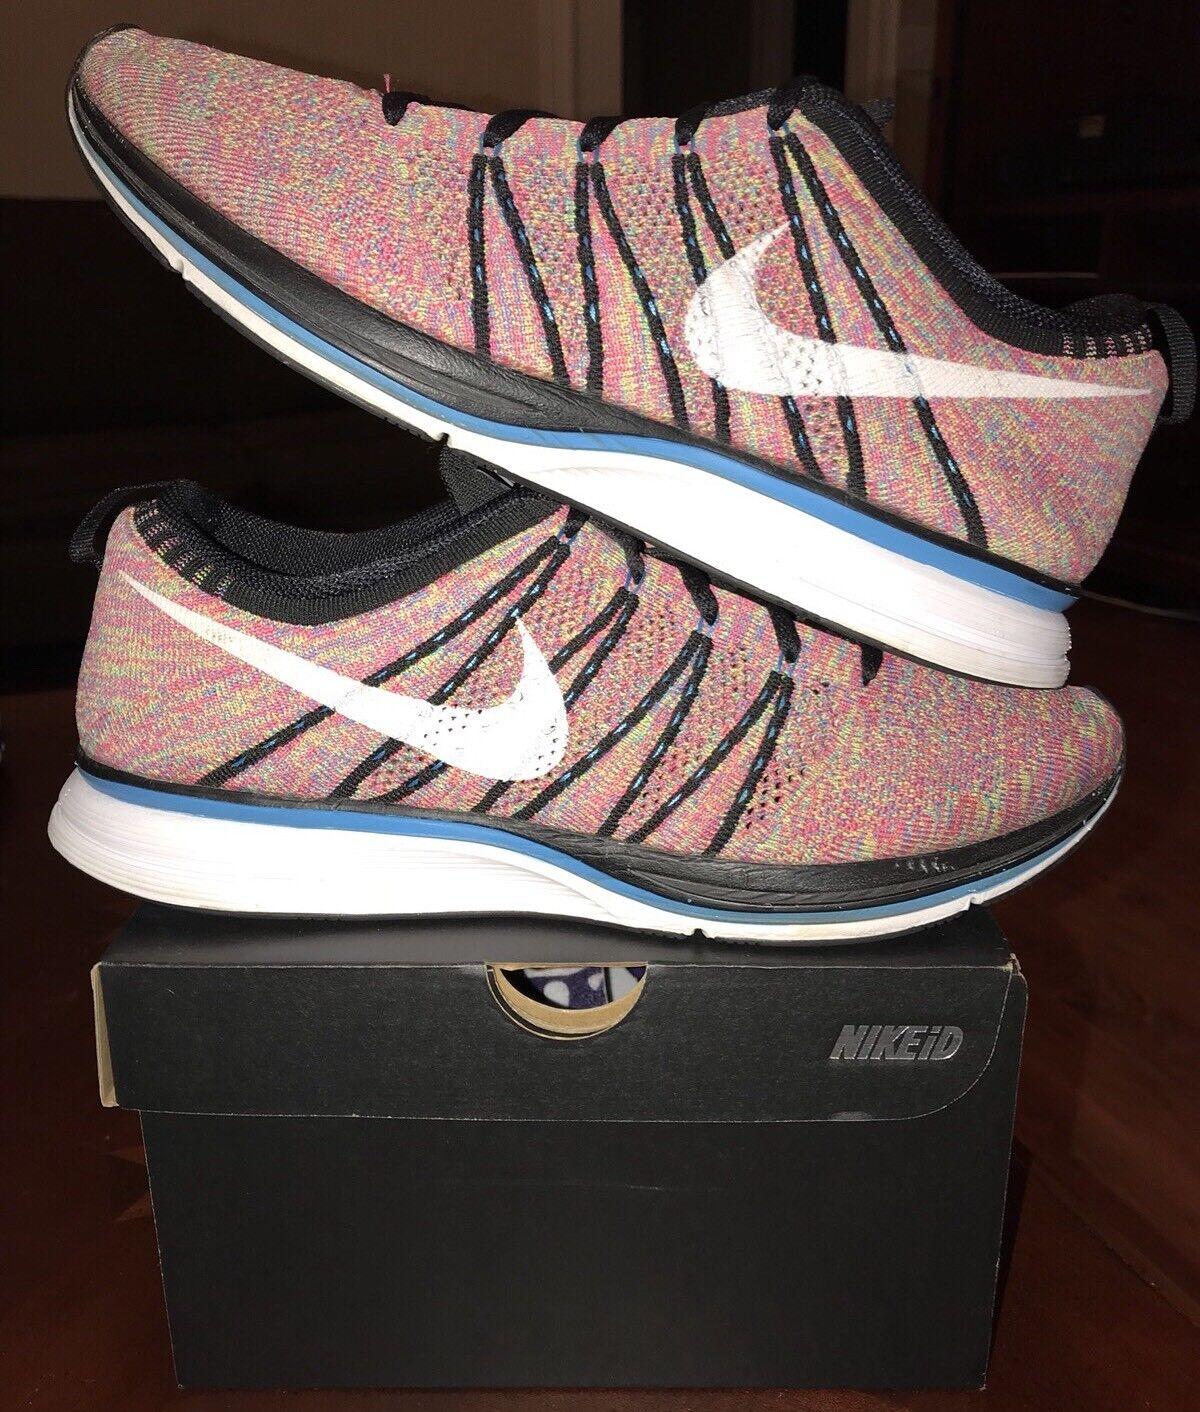 Nike flyknit trainer multicolore 12 foto blu bianco nero corridore di oreo roshe 1 2 4